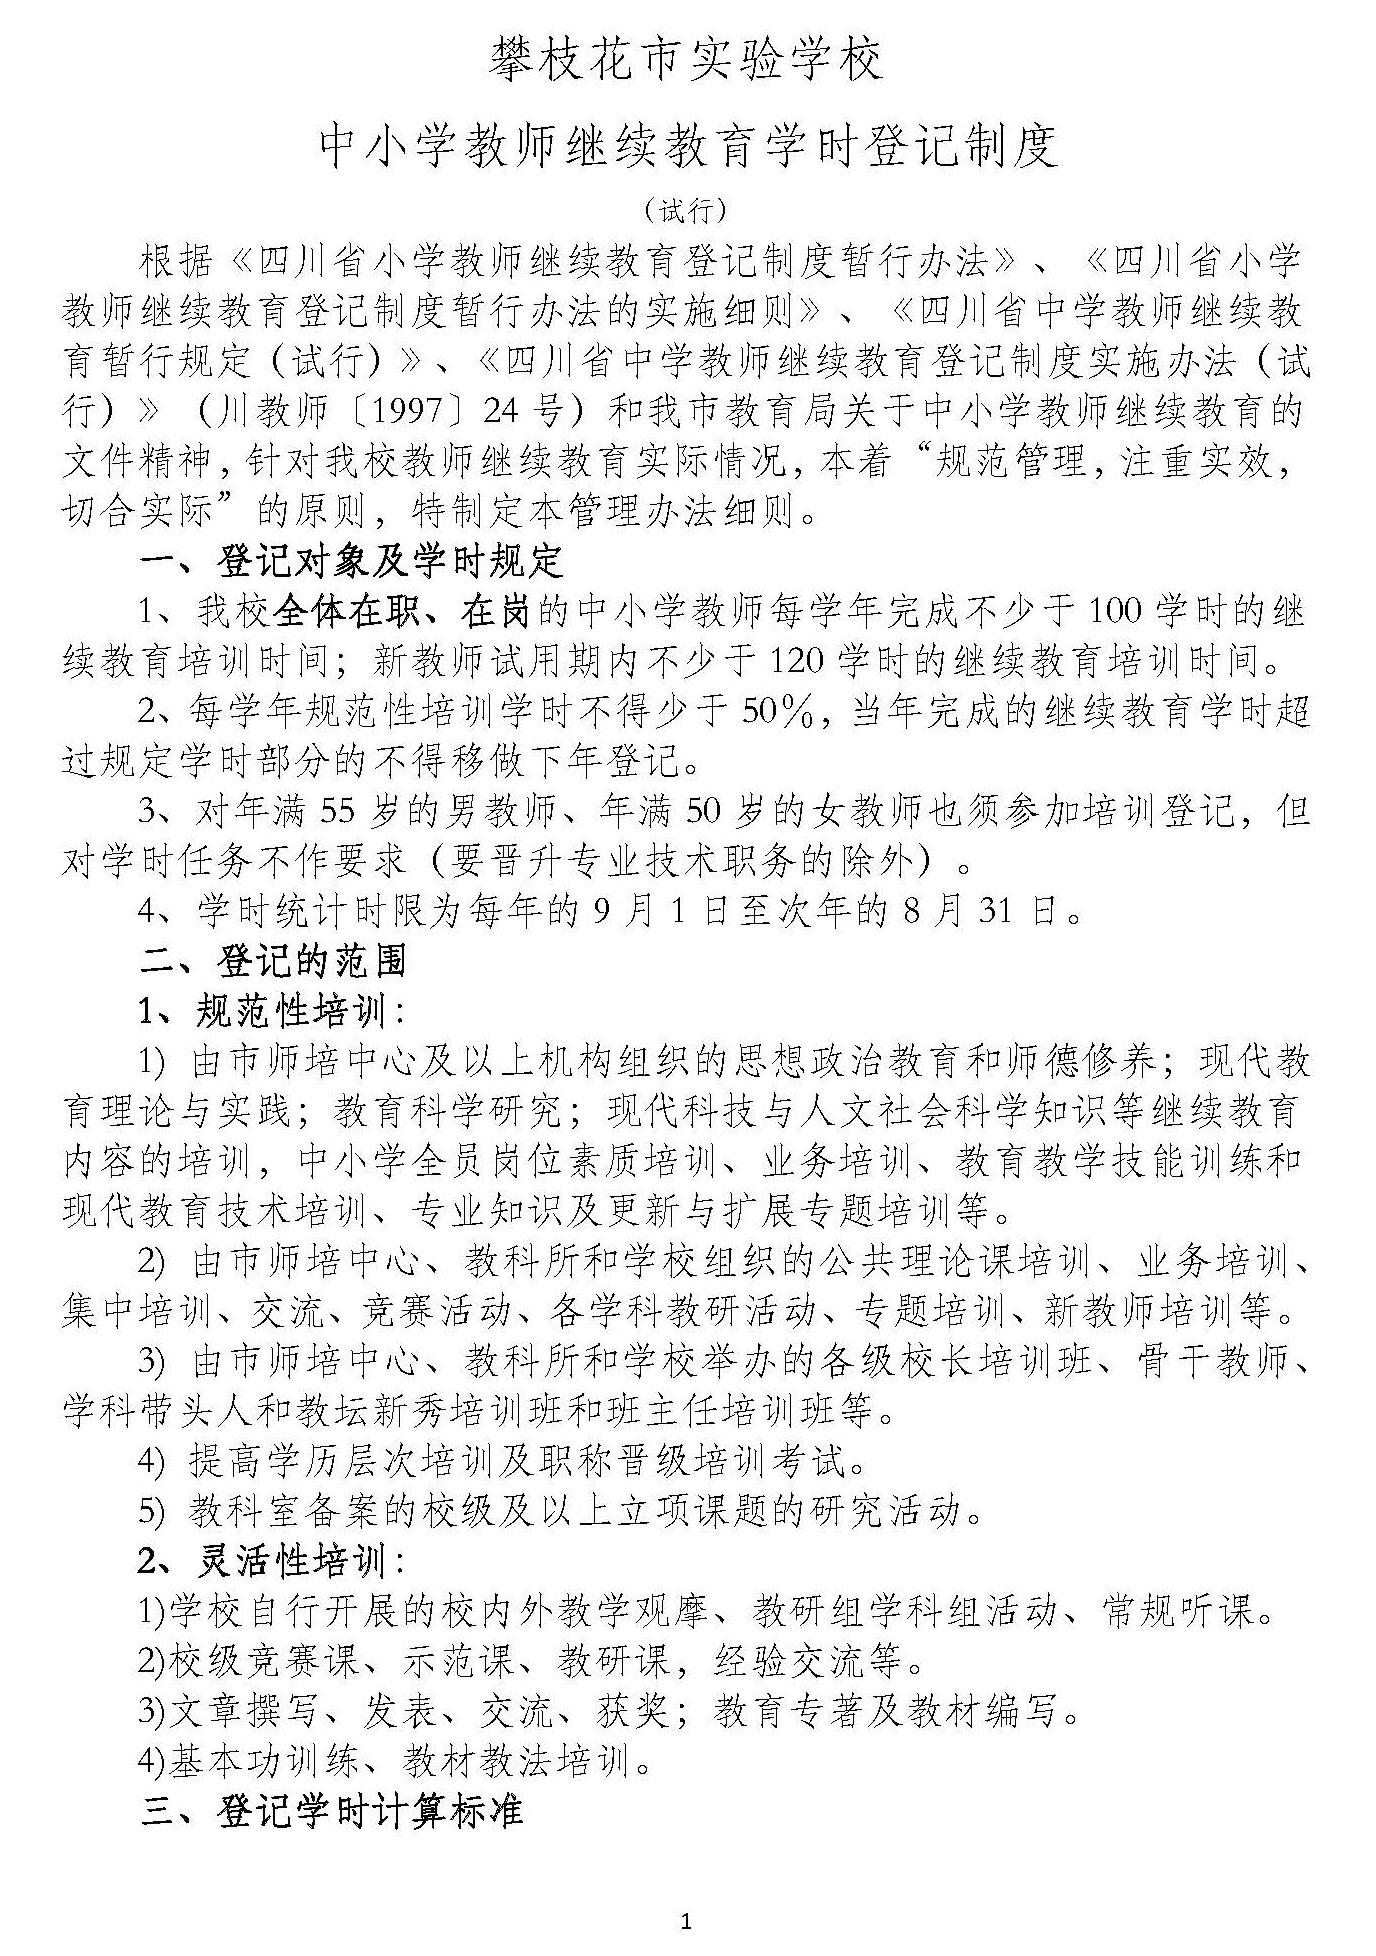 市实验学校继续教育登记制度(2017XG)_页面_1.jpg